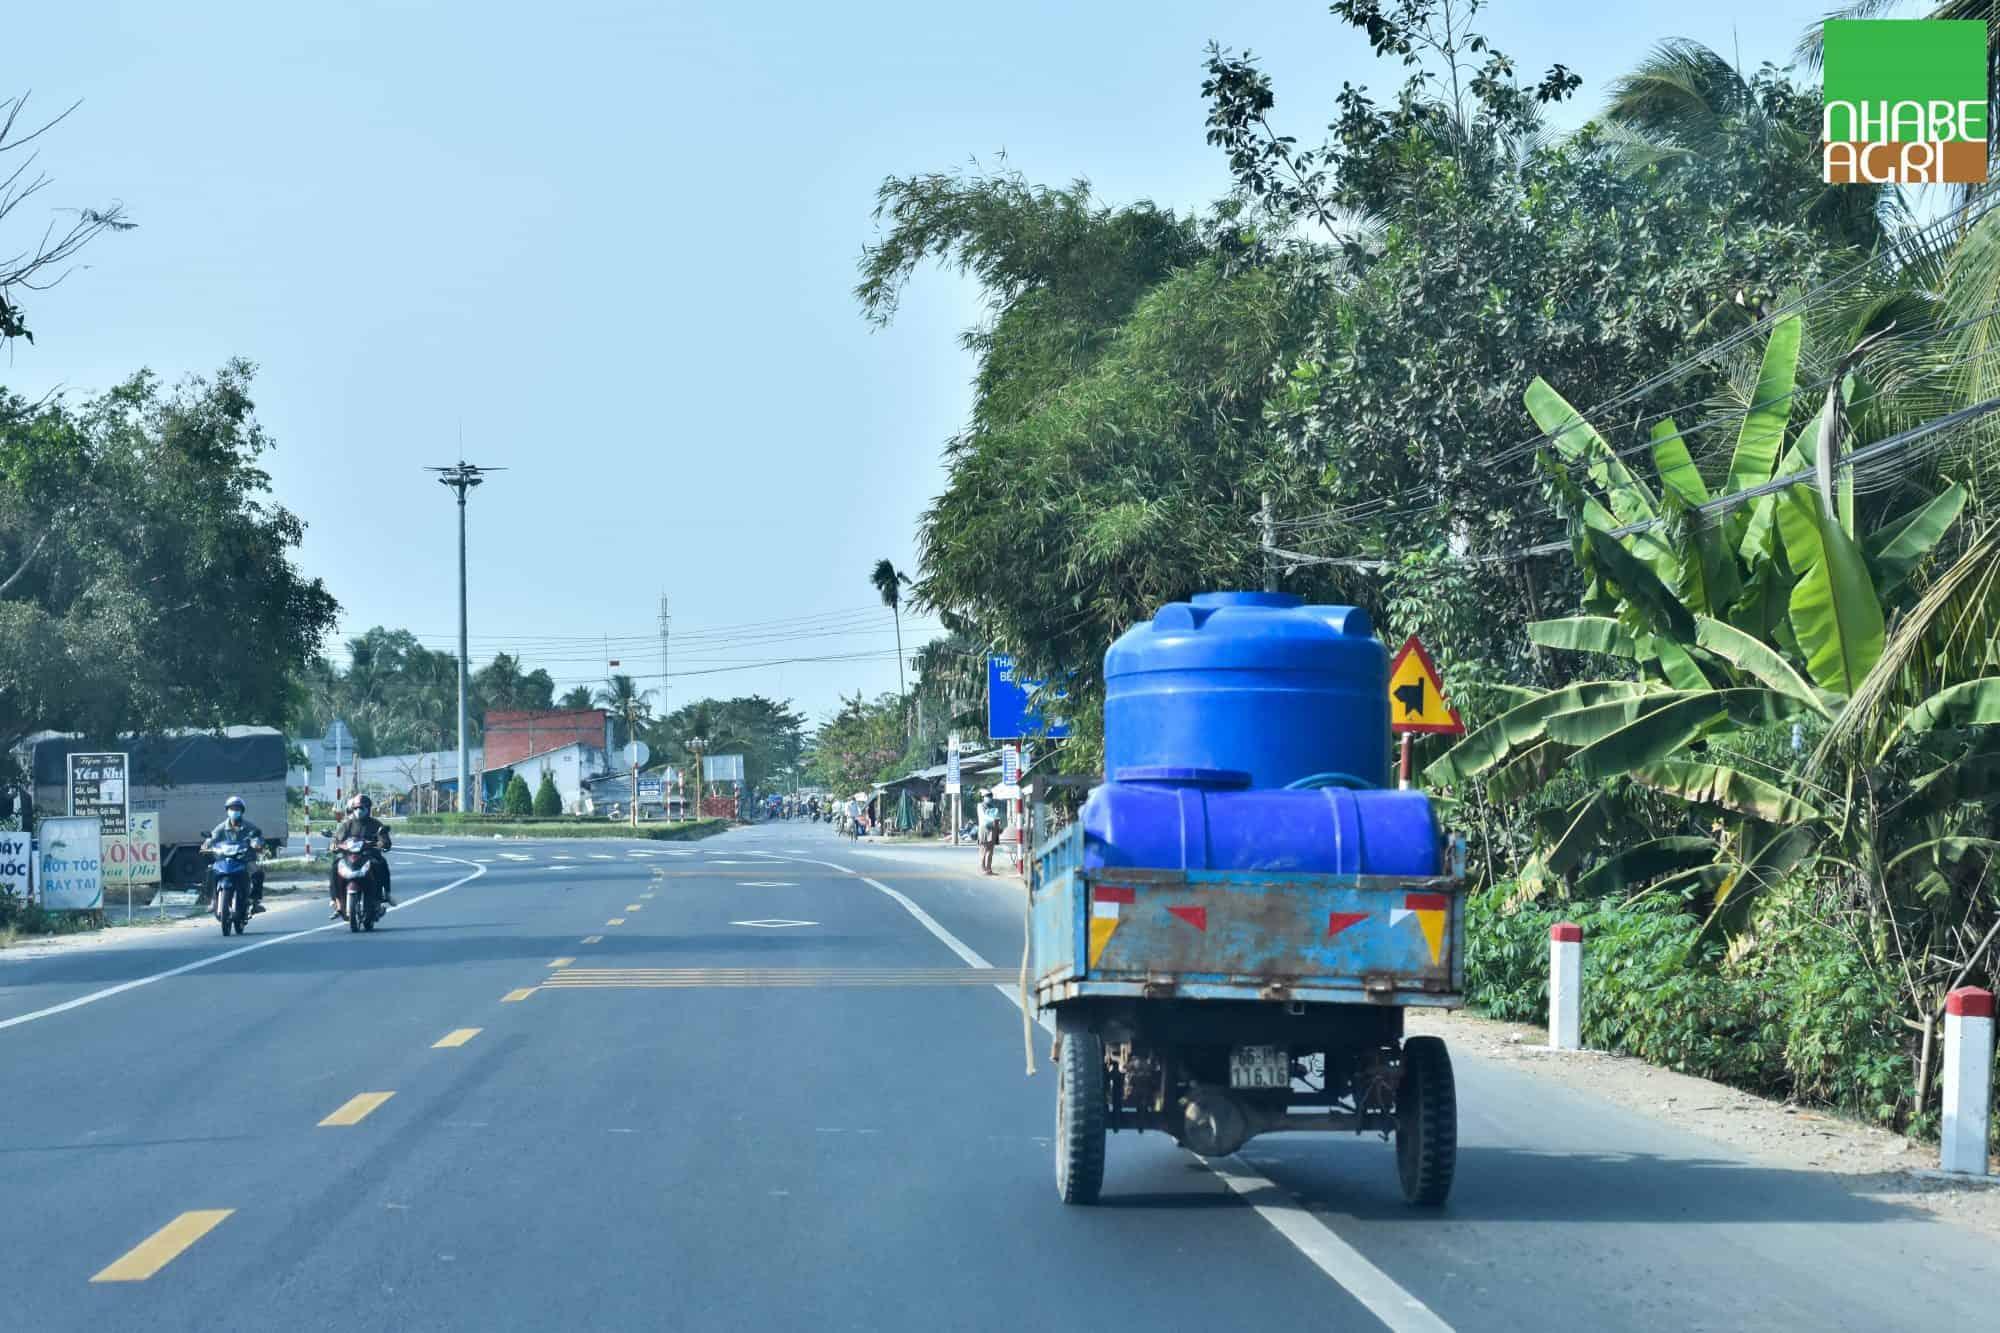 Nông dân phải mua nước ngọt để tưới cây chống lại hạn mặn